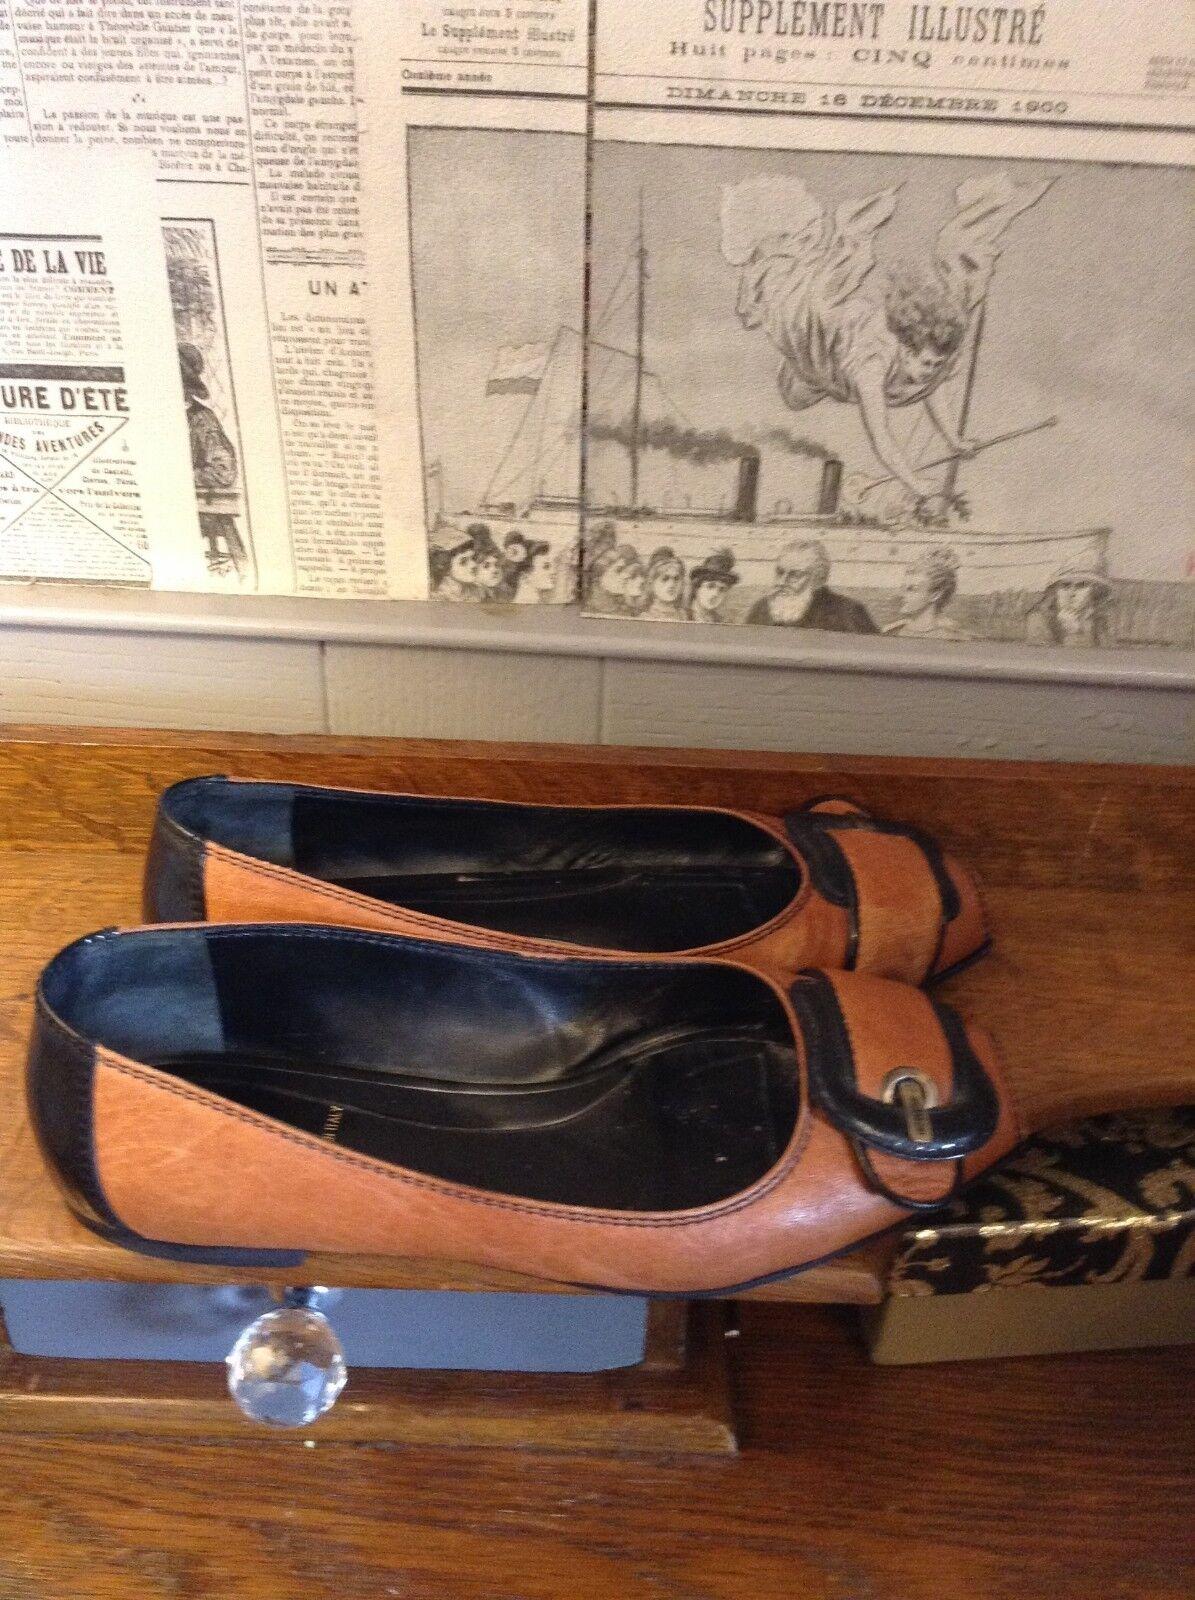 FENDI Scarpe Nero Tan Peep Toe Flats US Dolly Scarpe 38.5 EU US Flats 7.5 f2a3a2